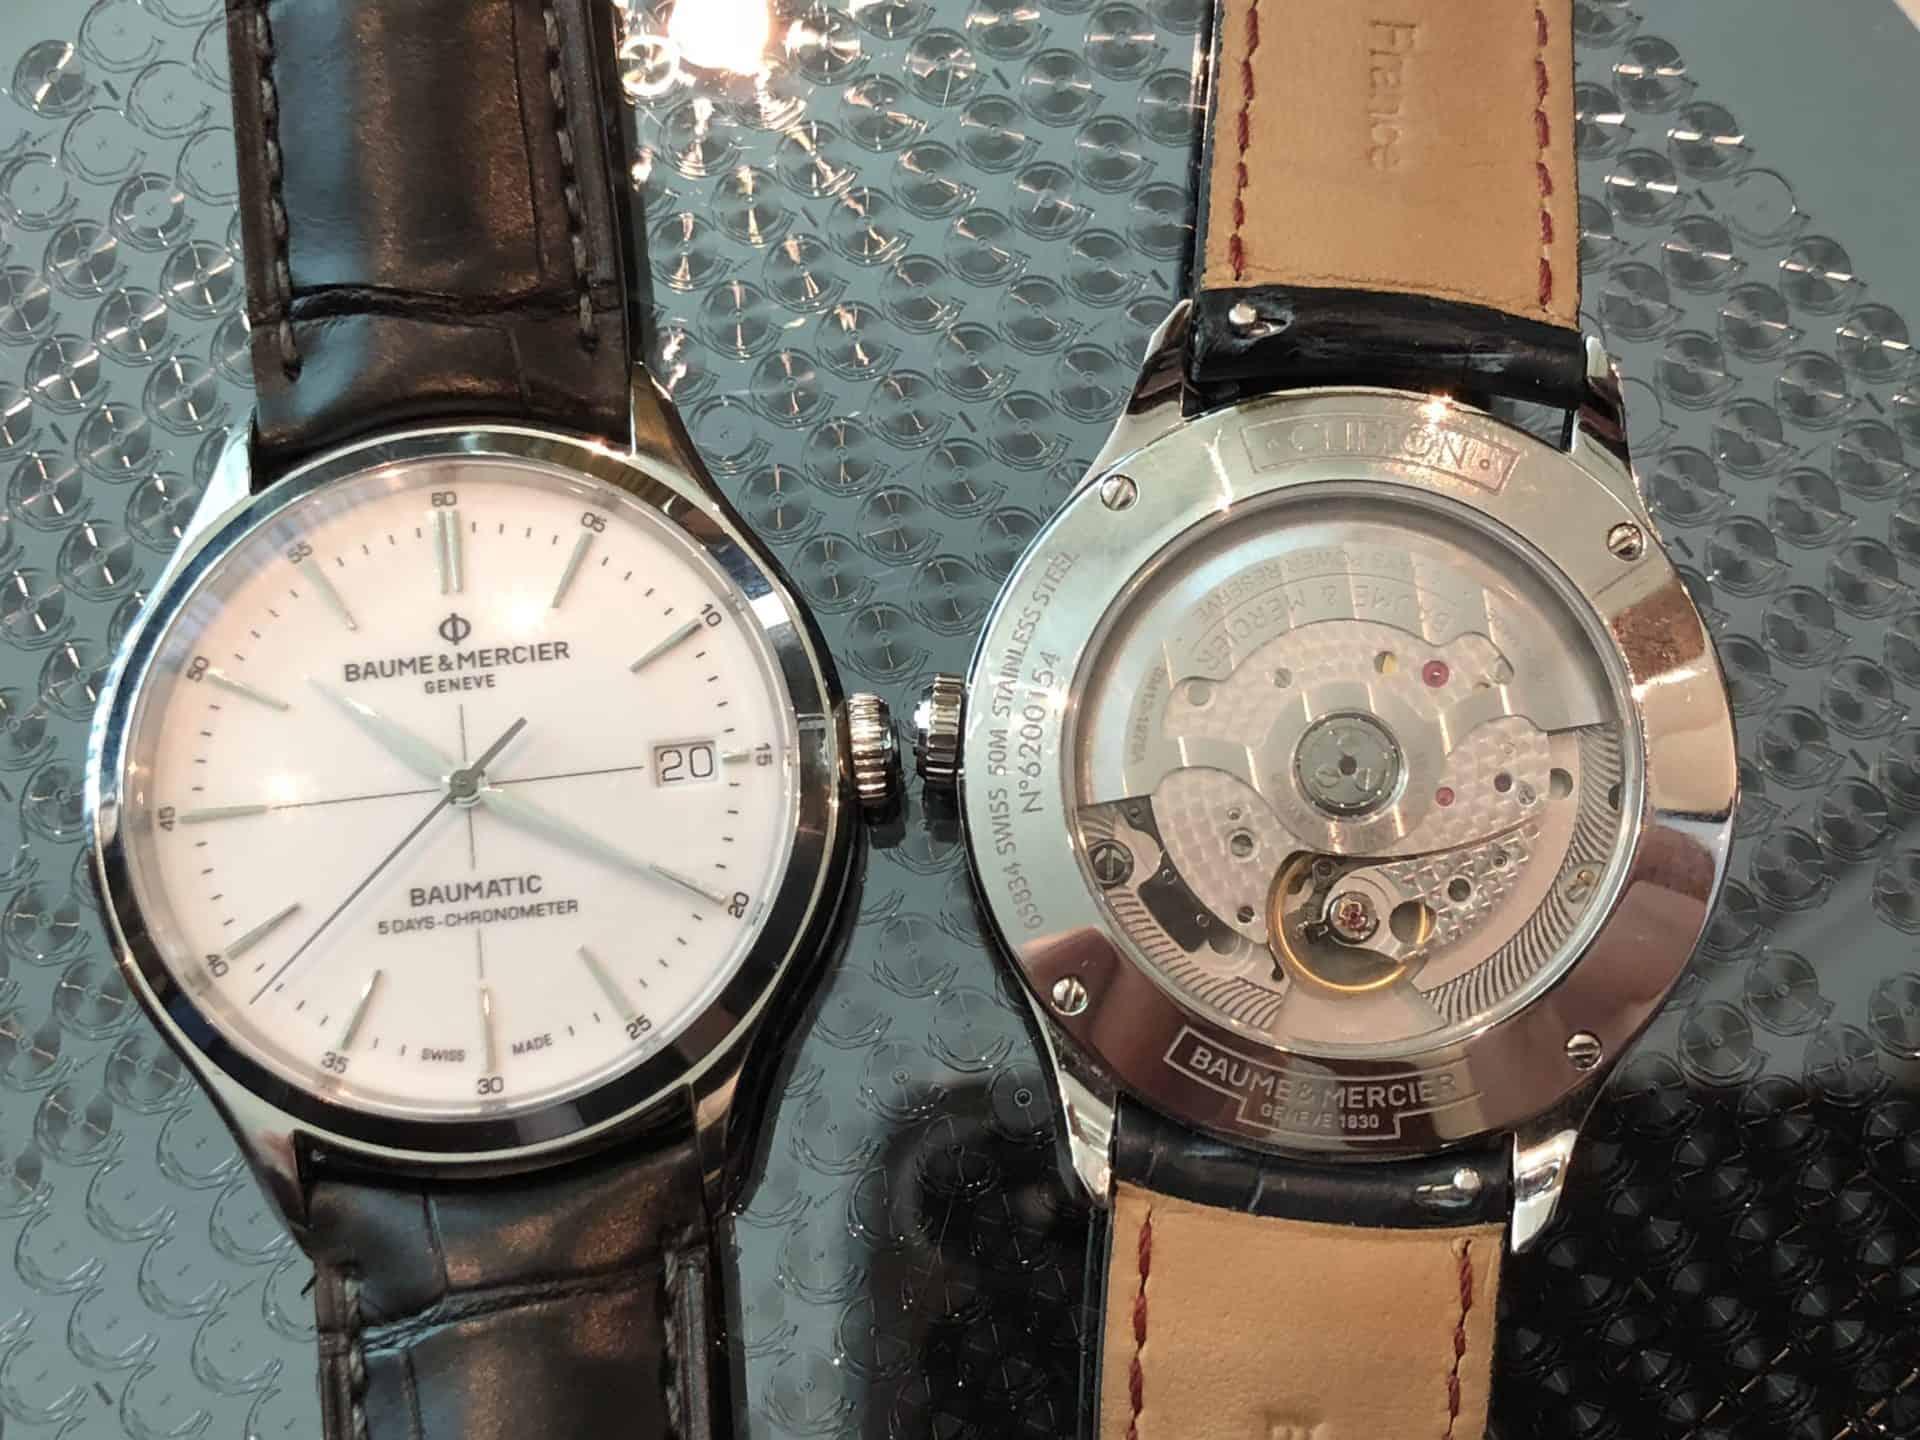 """Mit drei Filmen präsentiert Baume & Mercier seine Armbanduhr """"Clifton Baumatic"""" - Video 1Dieses Design und diese Architektur sind filmreif"""